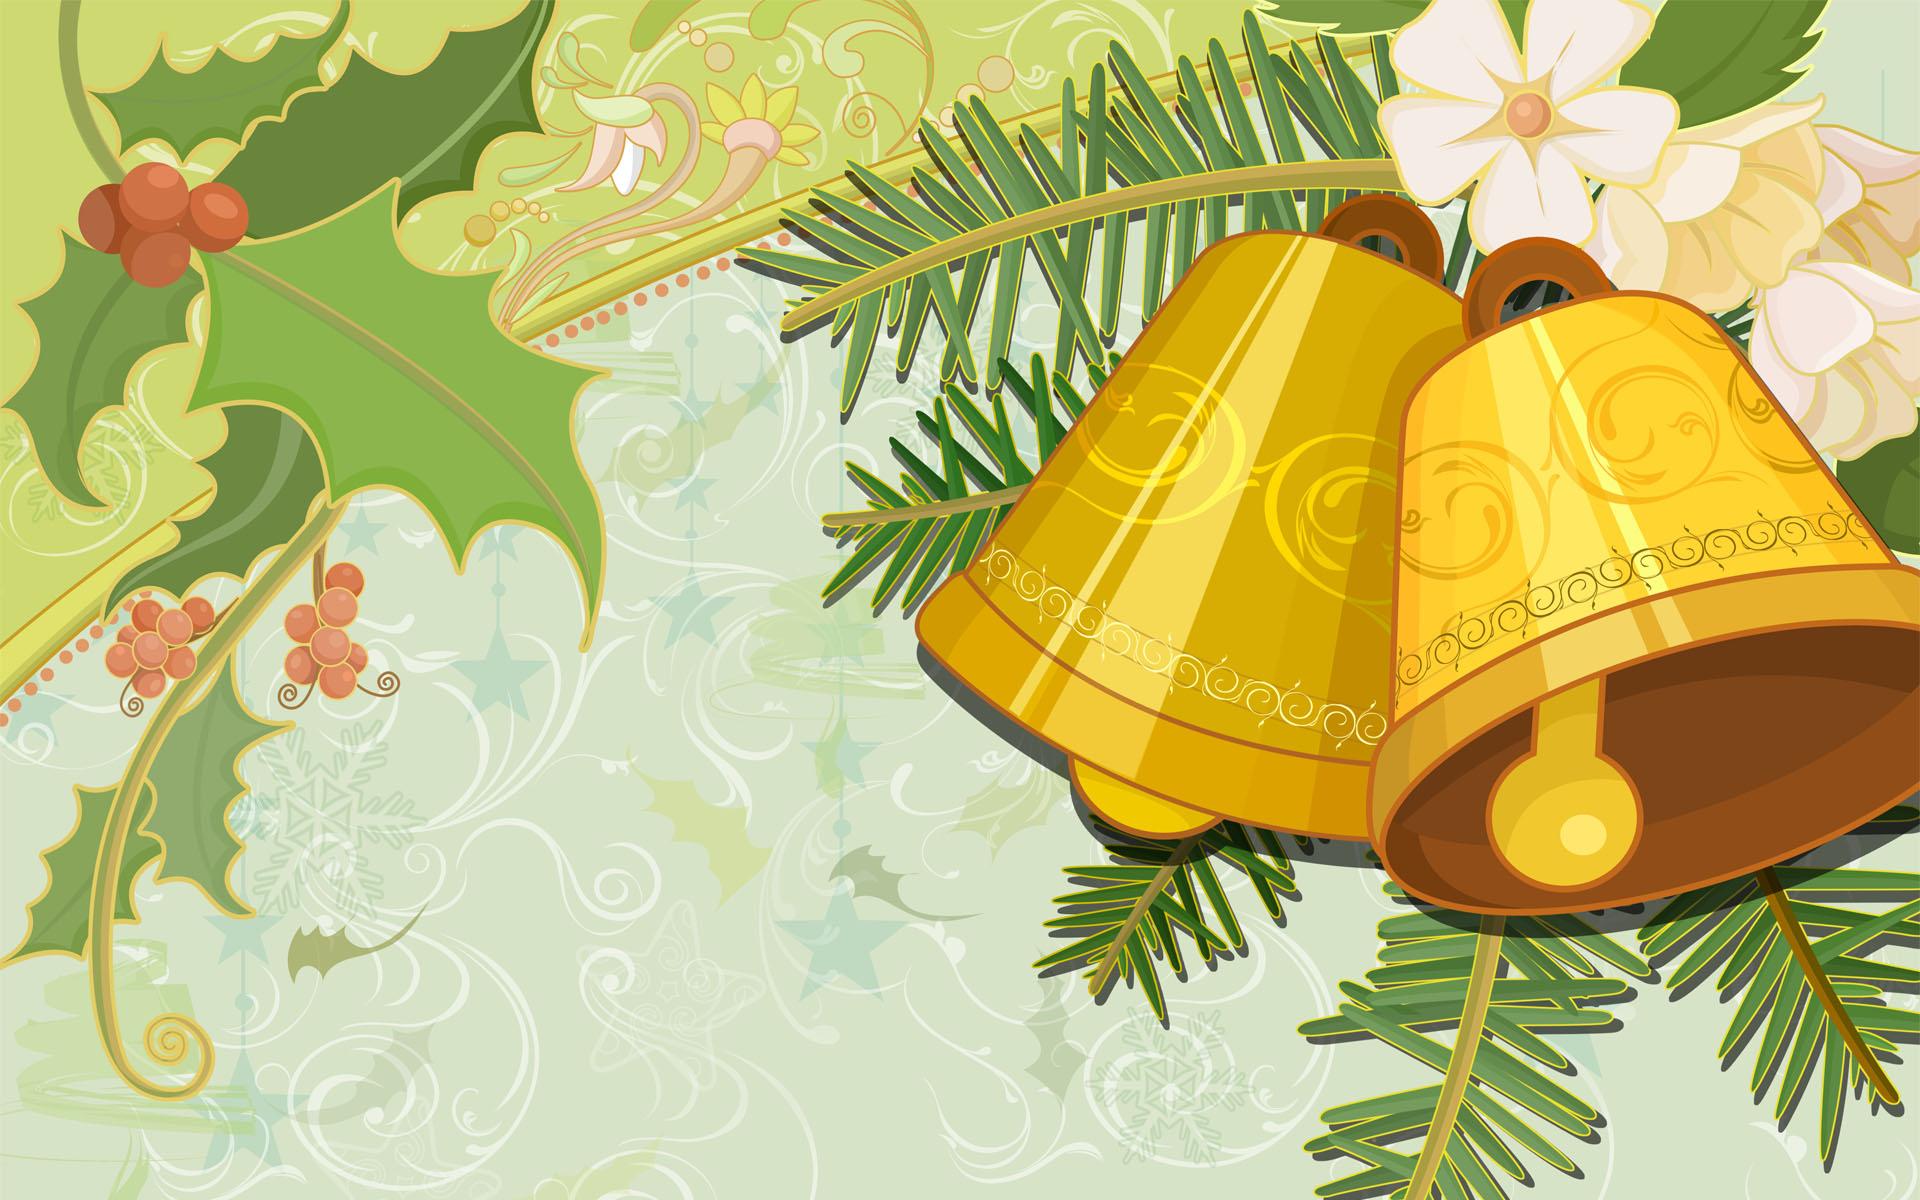 Fondo verde con campanas de navidad - 1920x1200